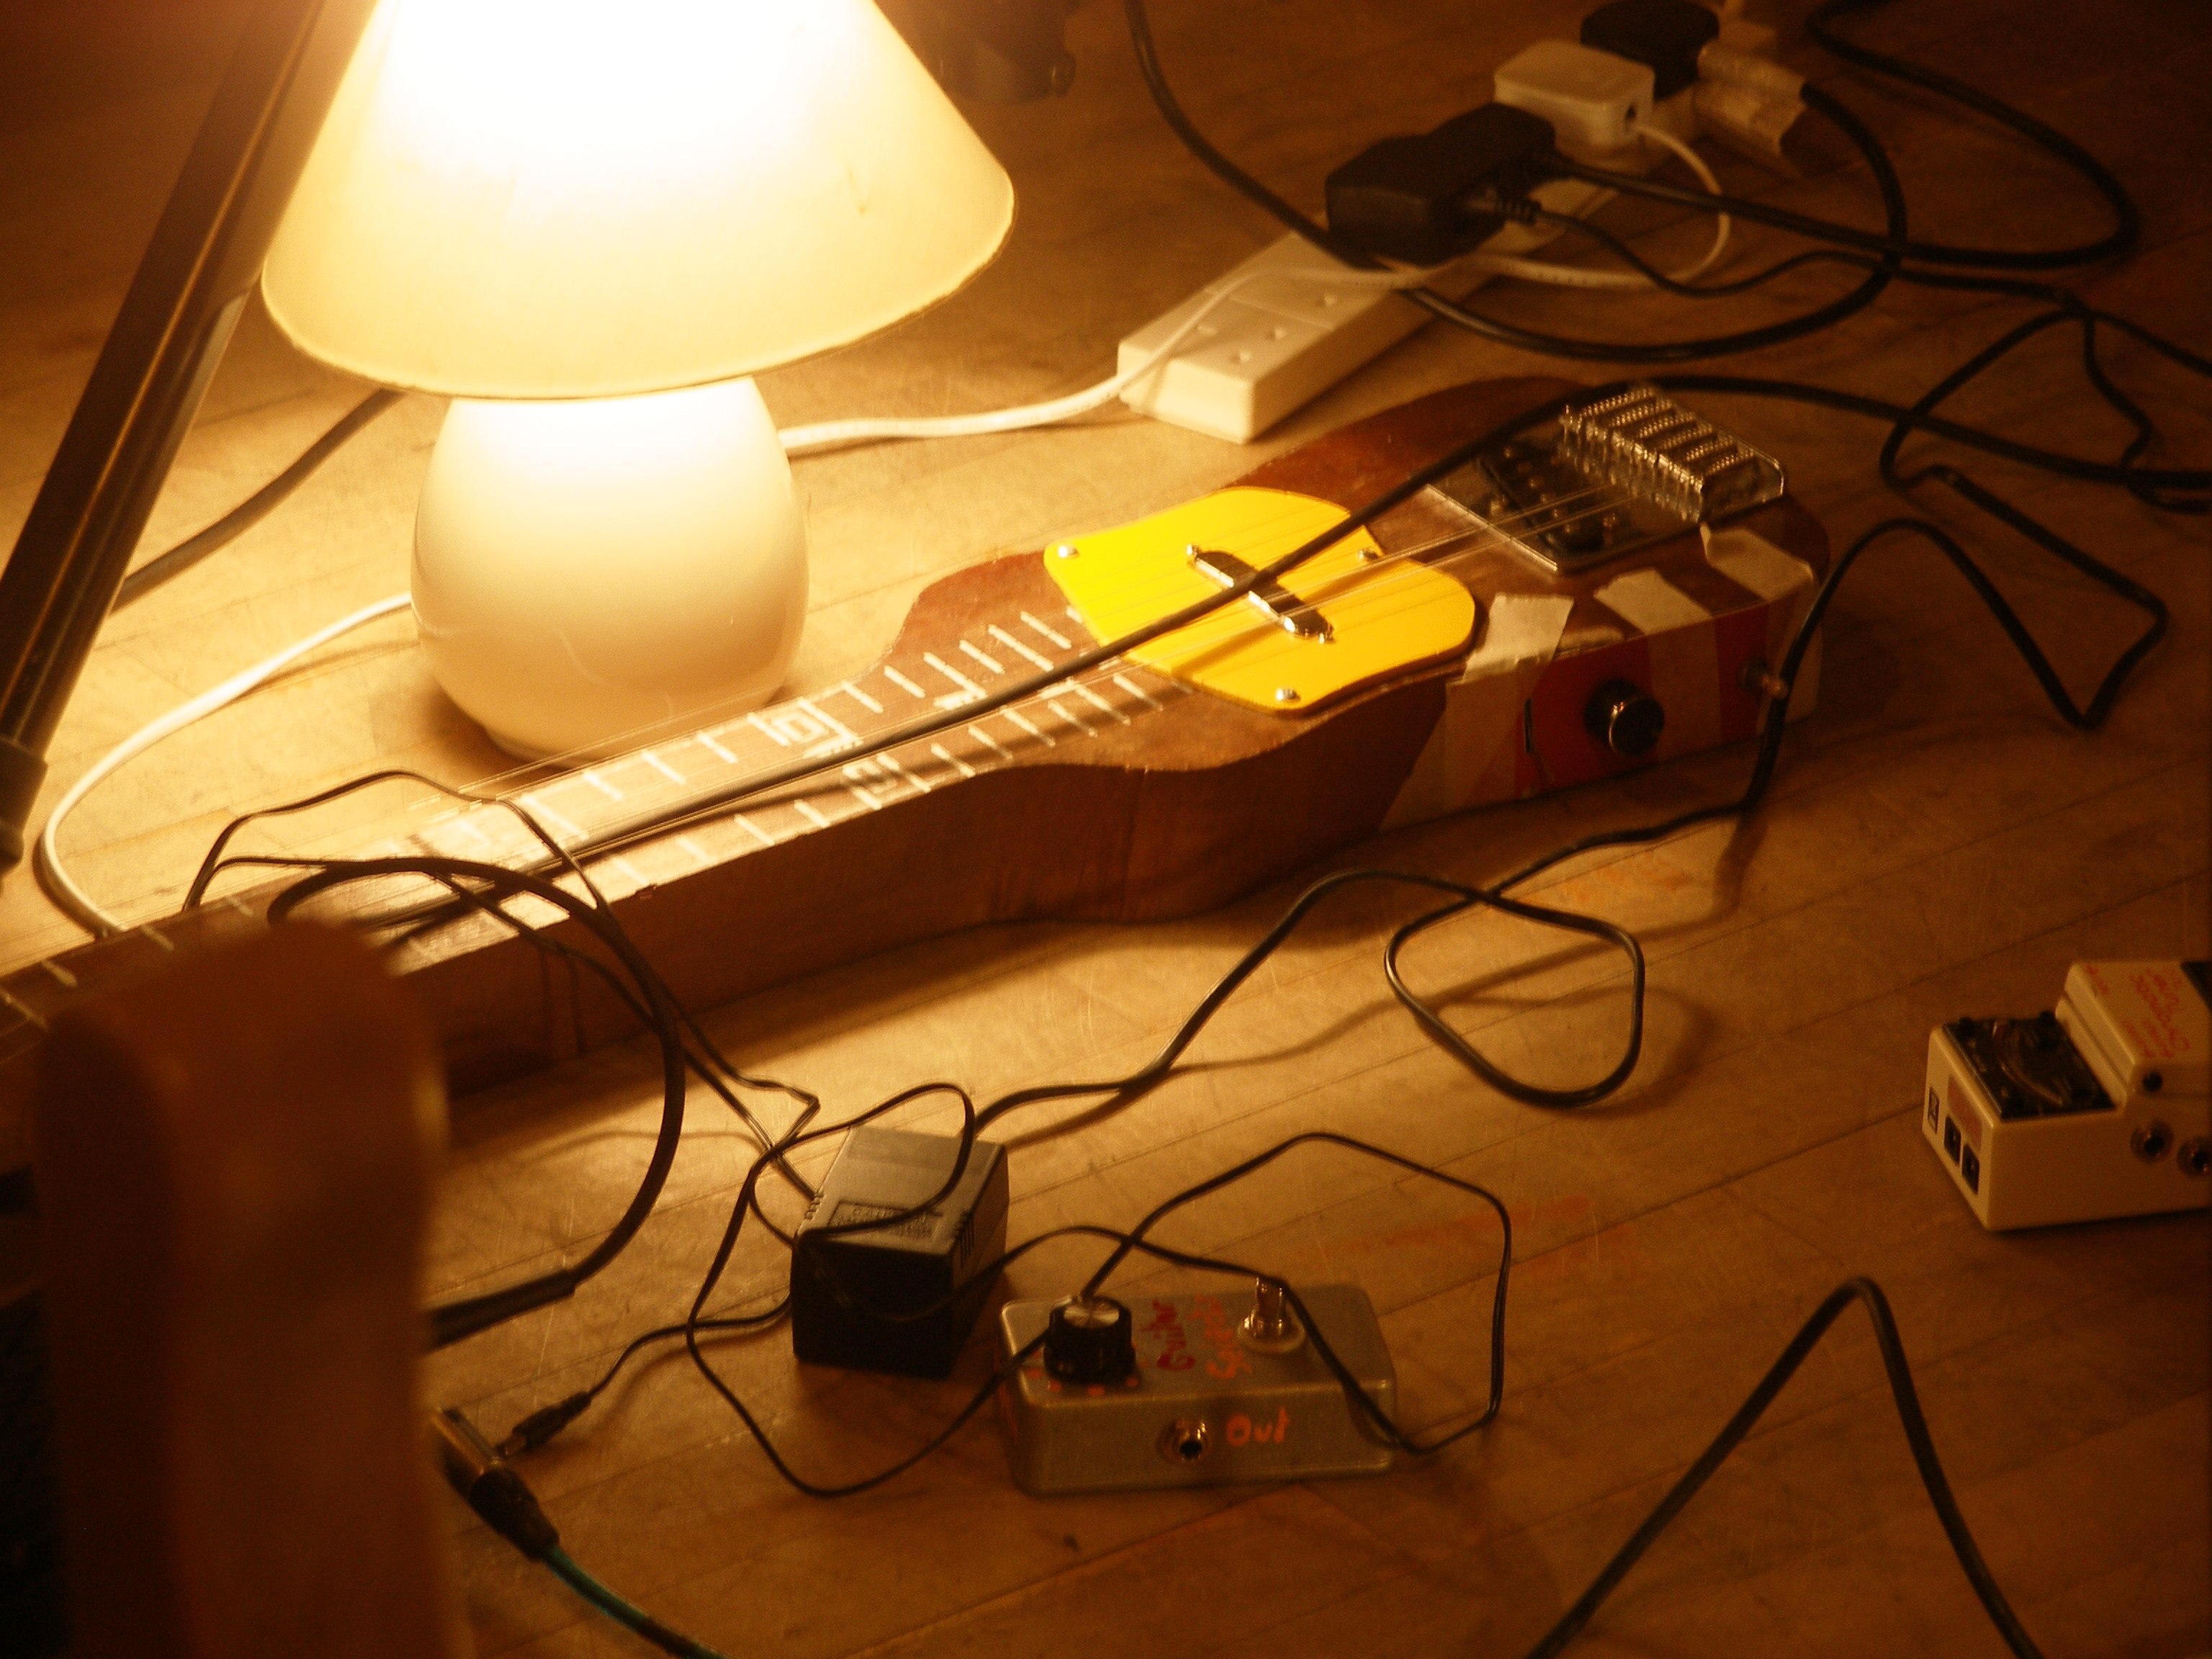 John's handmade lap steel basks in the lamp light!